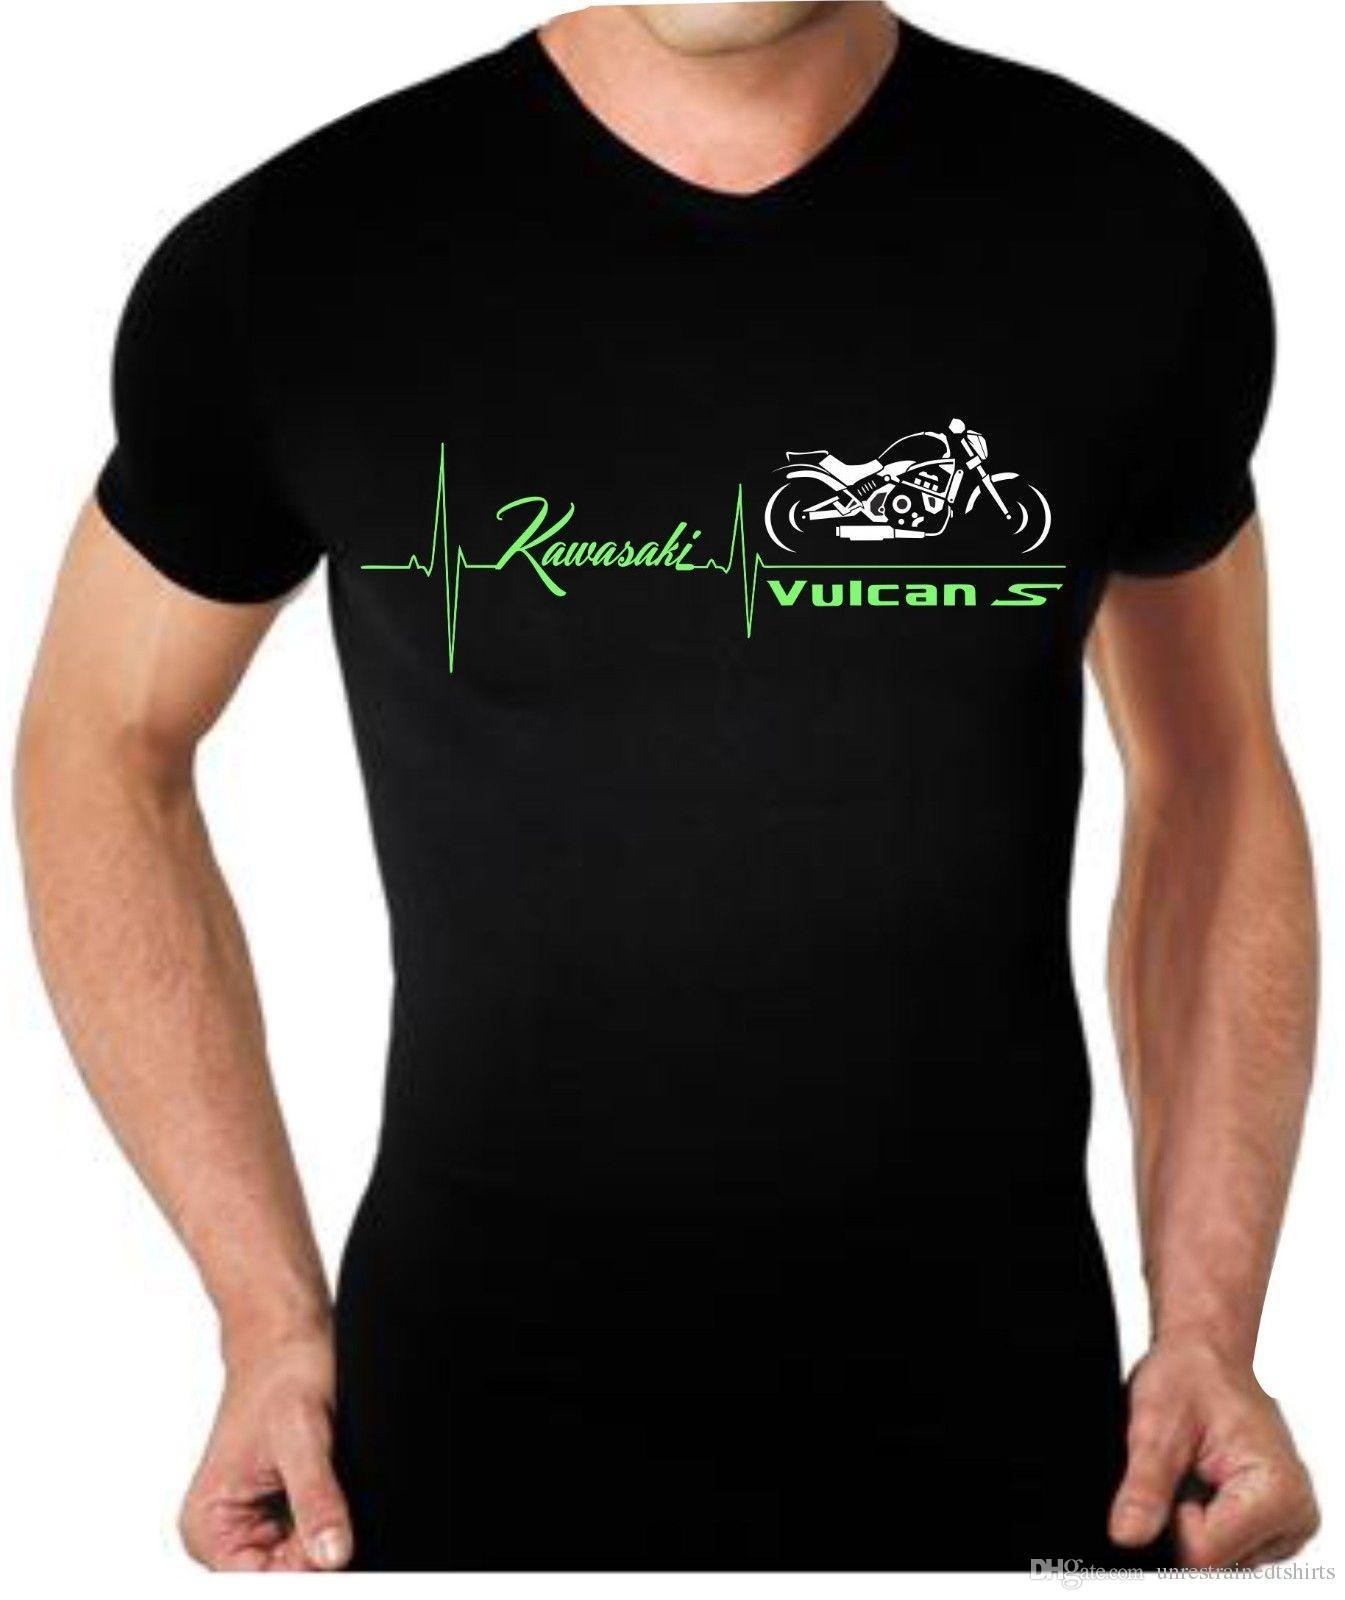 Grosshandel T Shirt Fur Motorrad Kawasaki Vulcan 650 S Battito Cuore